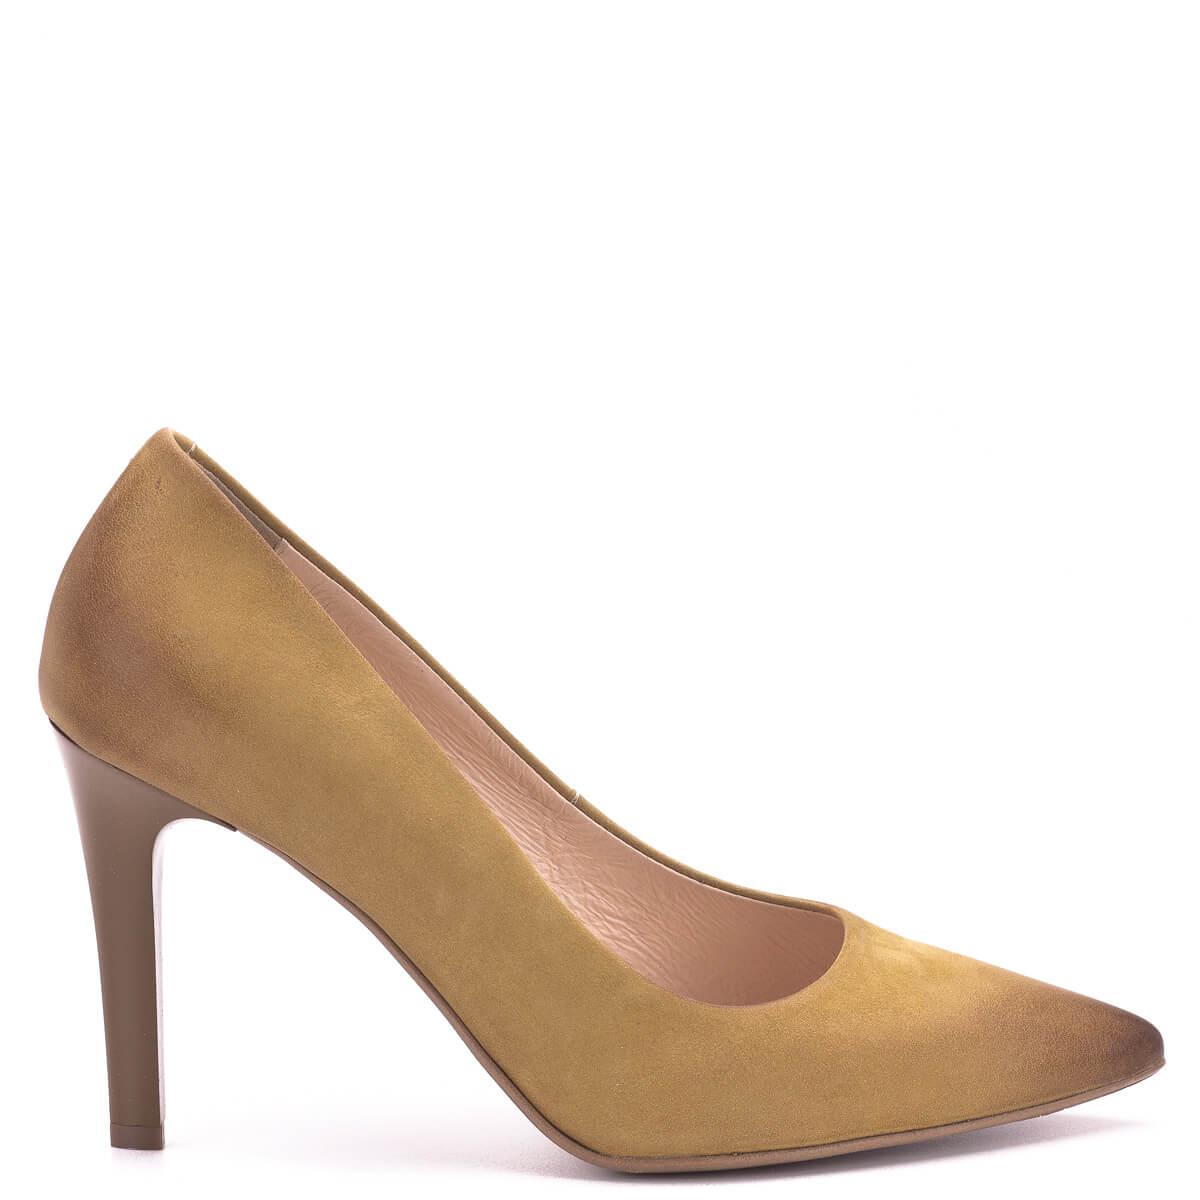 56f4503c8b Klasszikus; Bioeco cipő sötét mustár színben bőrből, bőr béléssel, sarka 9  cm magas.